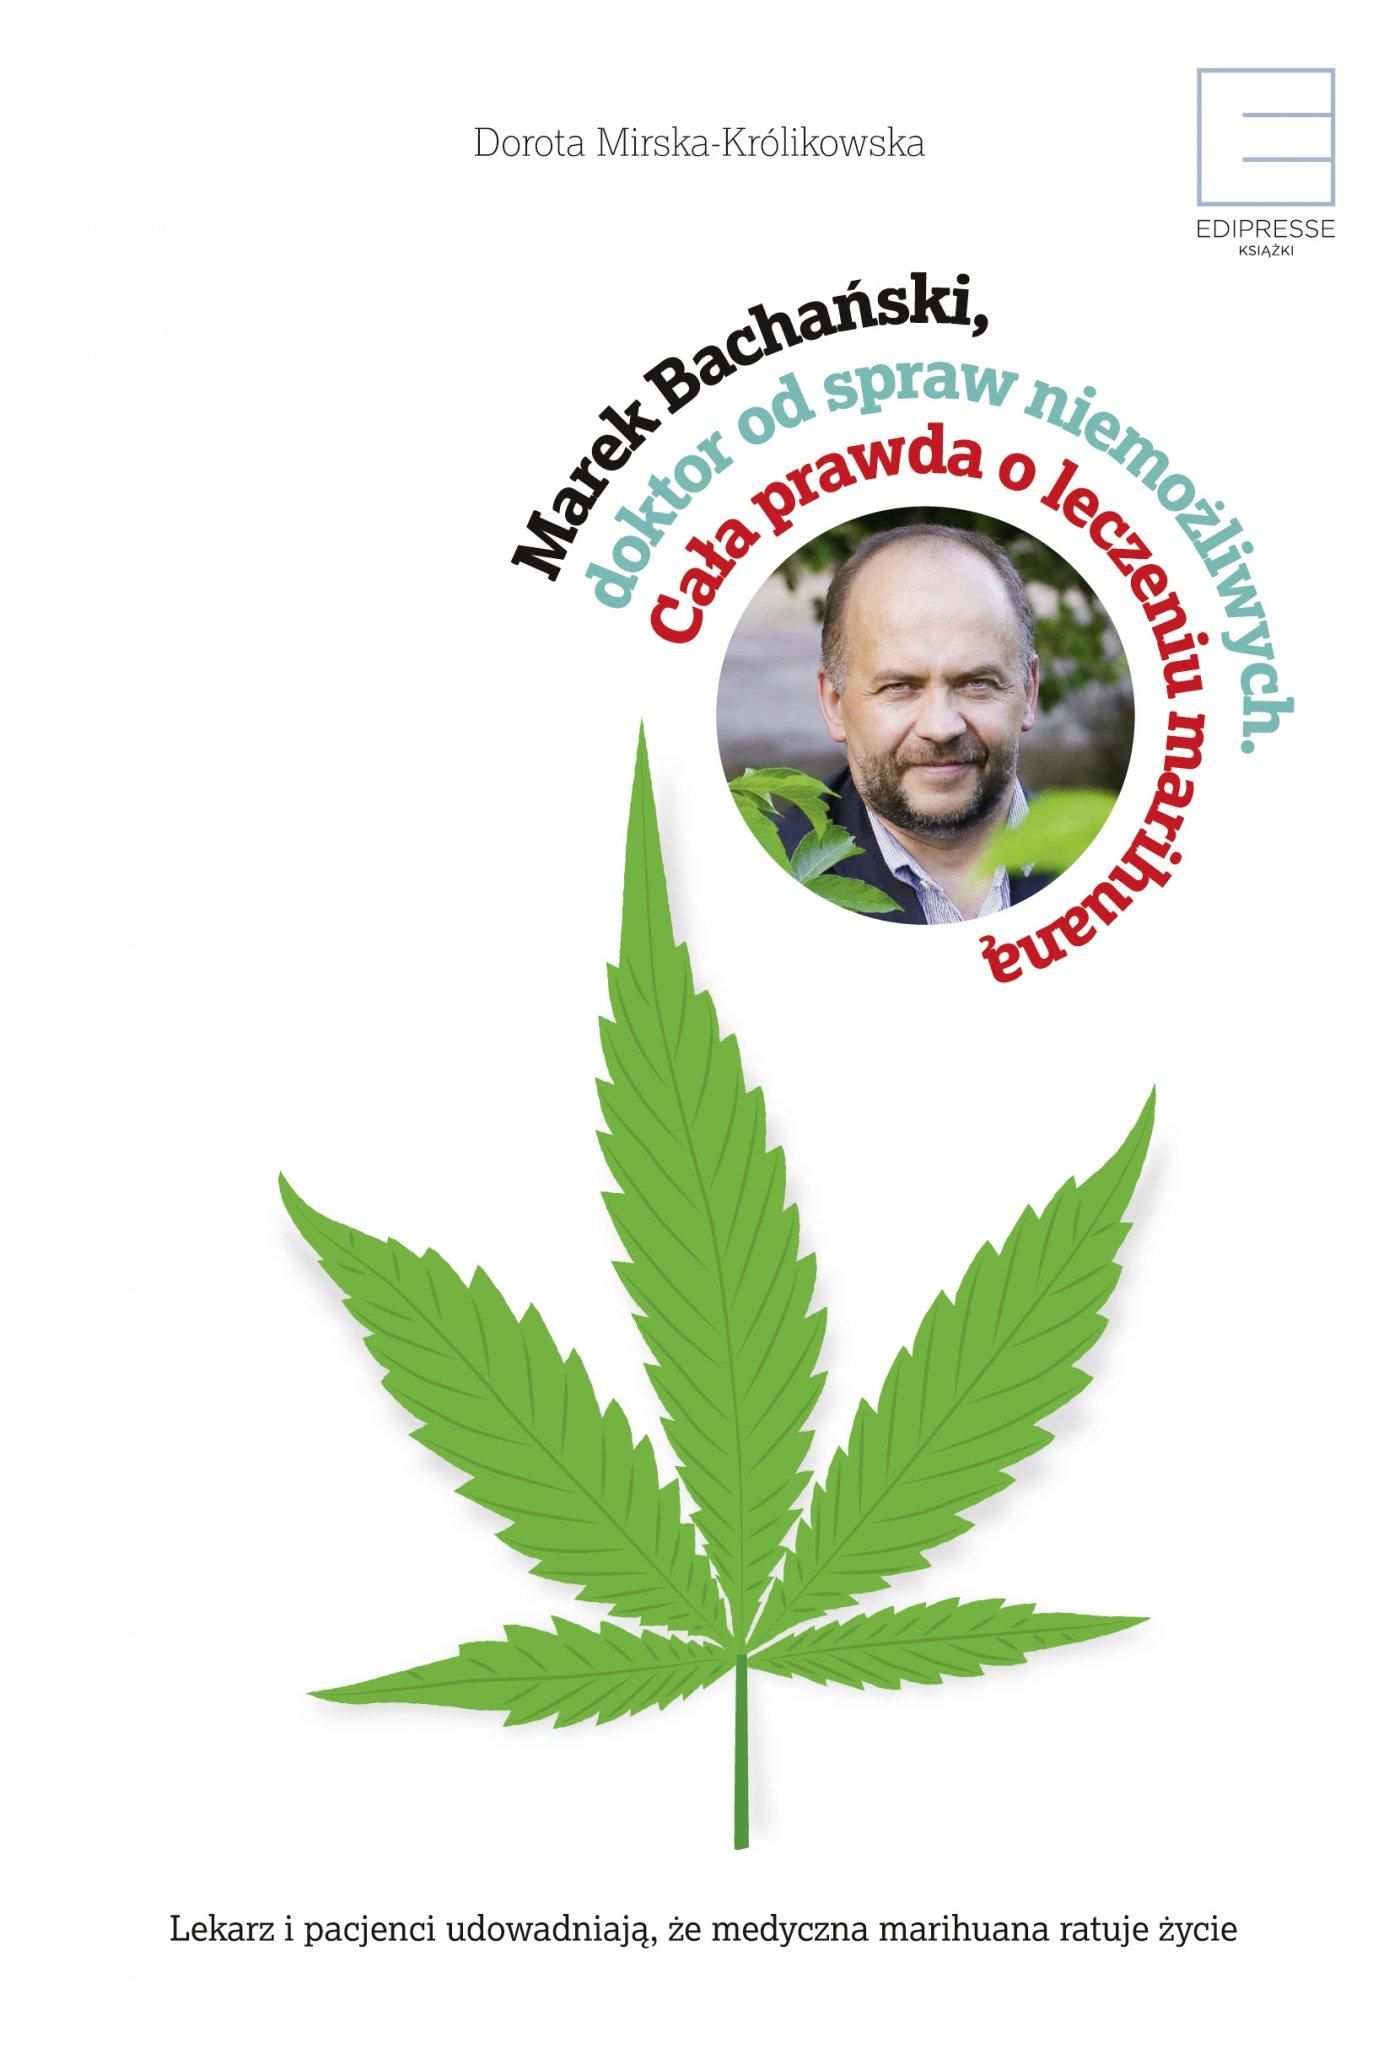 Marek Bachański, doktor od spraw niemożliwych. Cała prawda o leczeniu medyczną marihuaną. - Ebook (Książka na Kindle) do pobrania w formacie MOBI